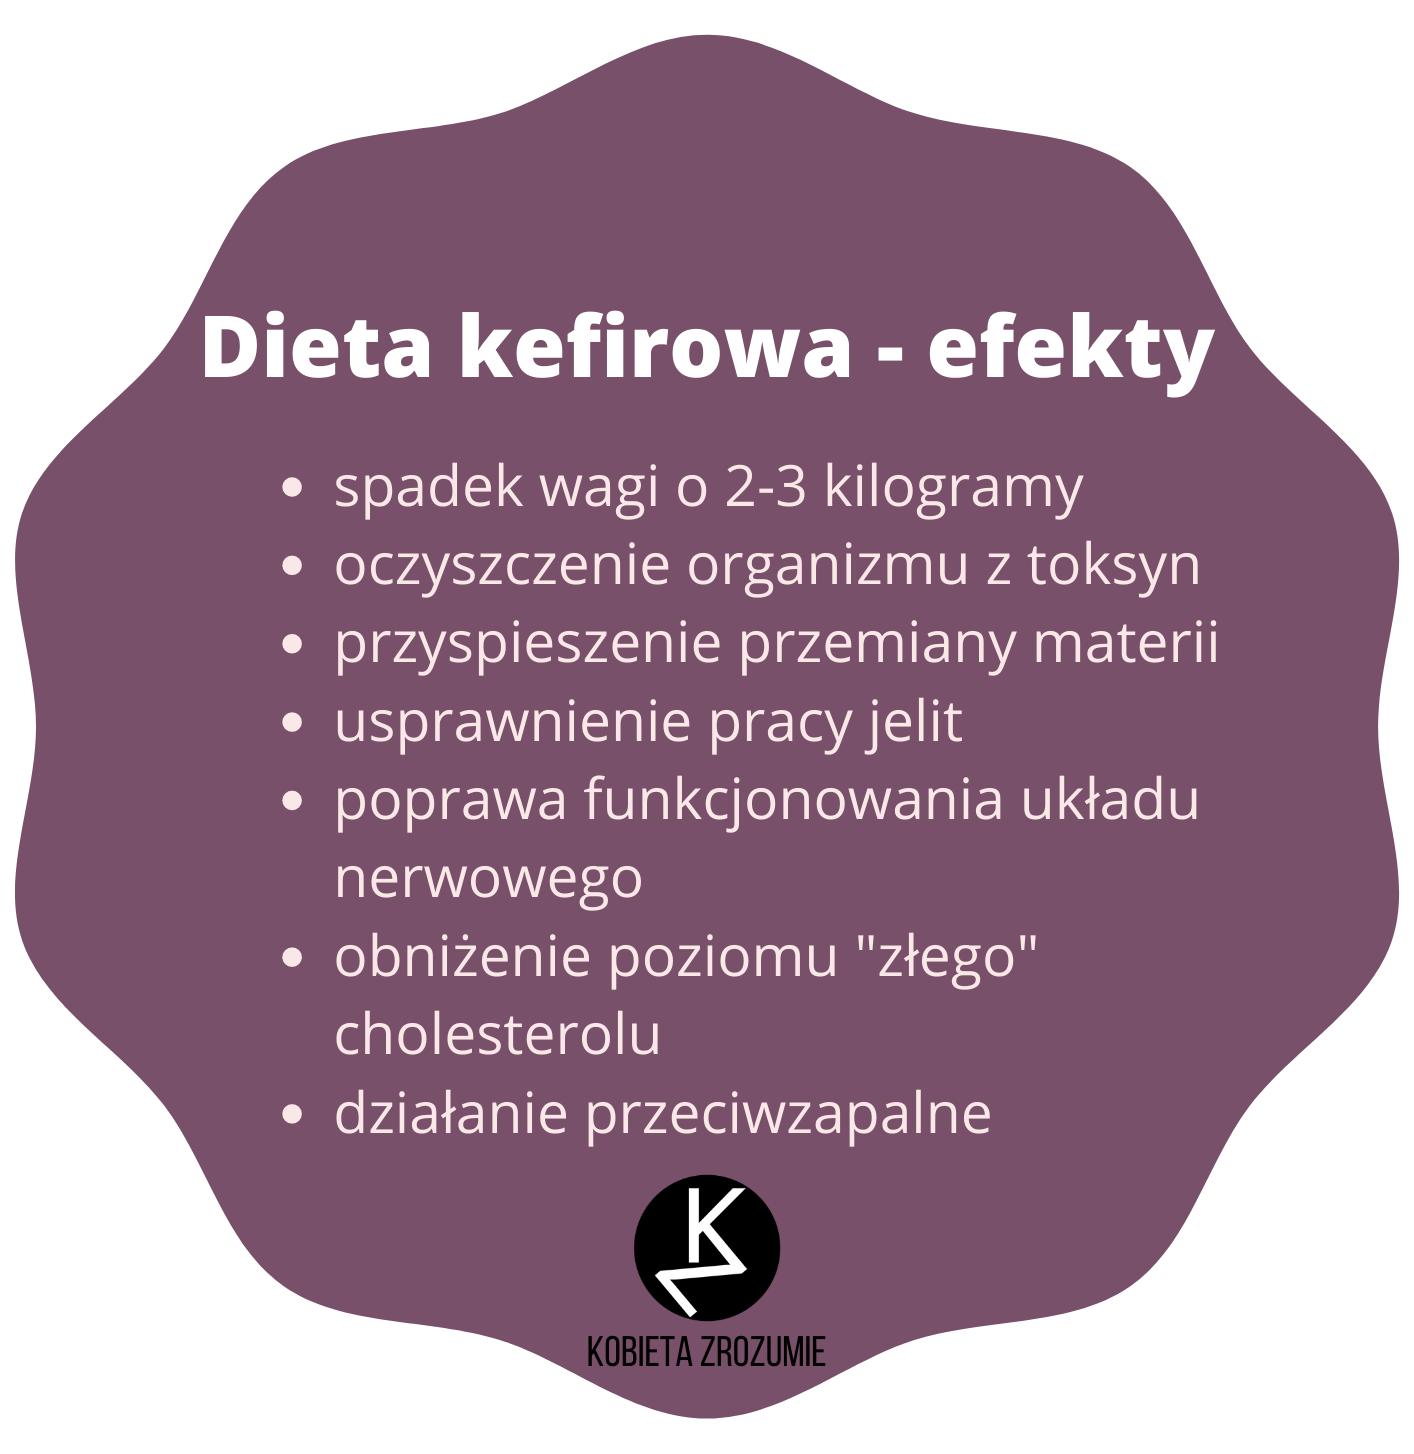 Jak szybko schudnąć, pijąc kefir, czyli dieta kefirowa